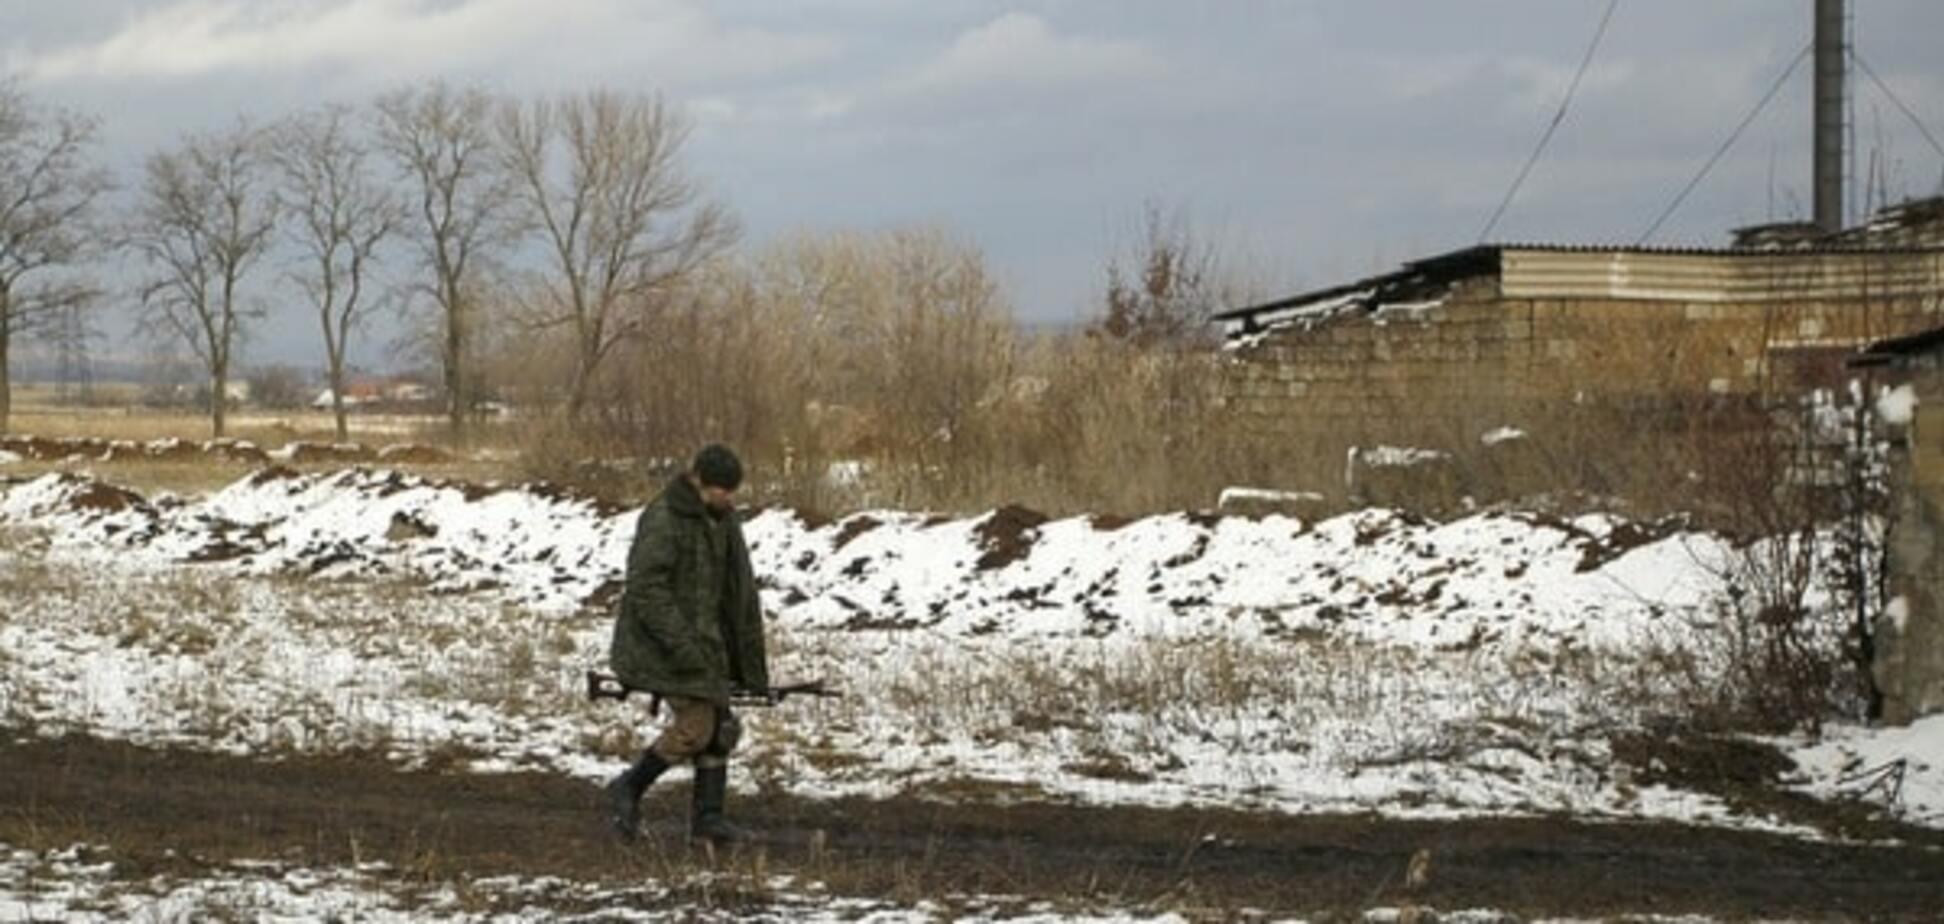 Місія ОБСЄ назвала кількість терористів в окупованому Комінтерново